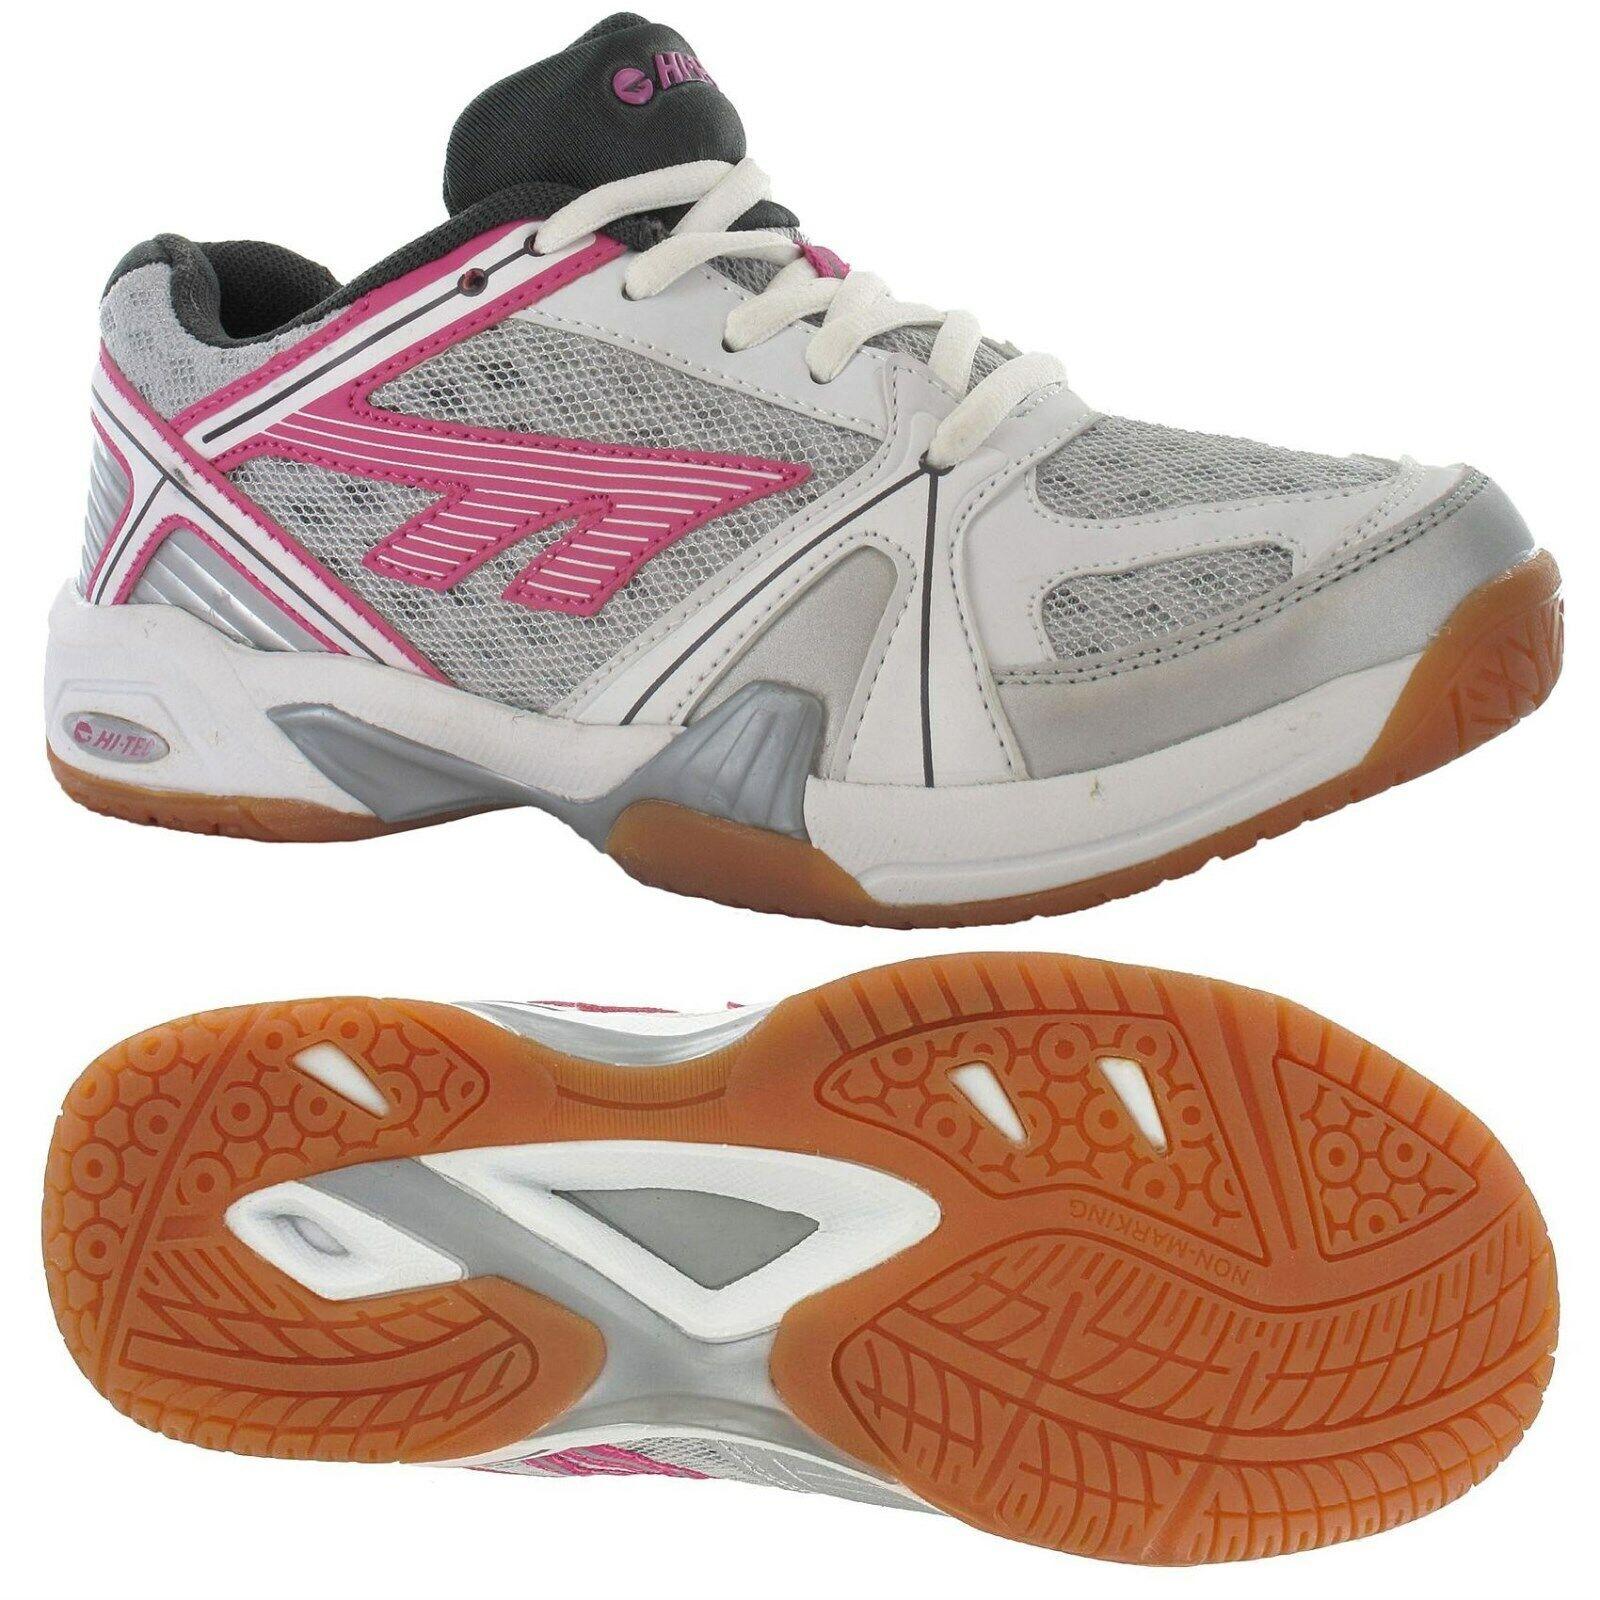 Hi-Tec Lite Ladies Indoor Court shoes Trainer Size Squash Badminton